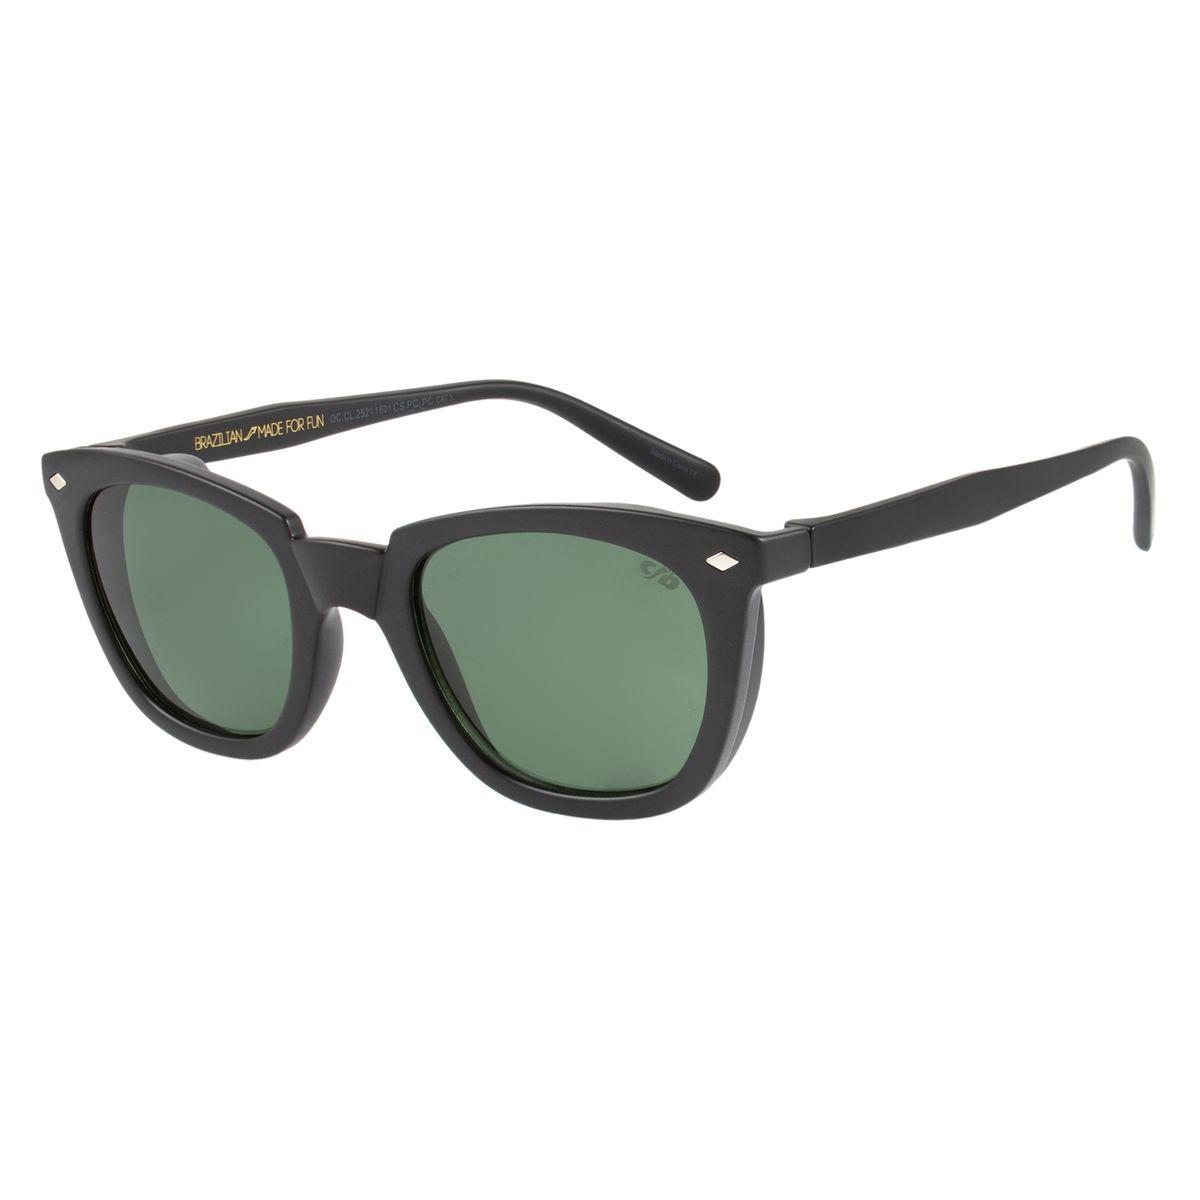 Óculos de Sol Unissex Vintage Por Marcelo Sommer Preto 2521 - OC.CL.2521.1501 M